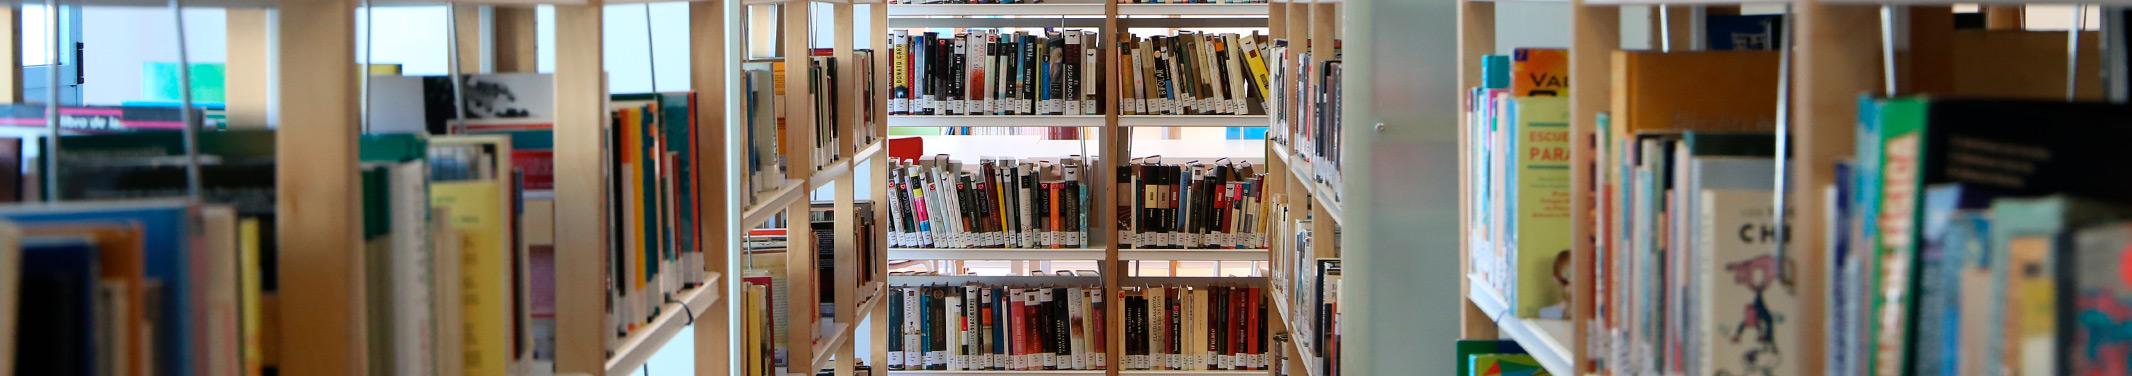 """Servicio de Información y Referencia Biblioteca Pública Municipal de Alhaurín de la Torre """"Antonio Garrido Moraga"""""""